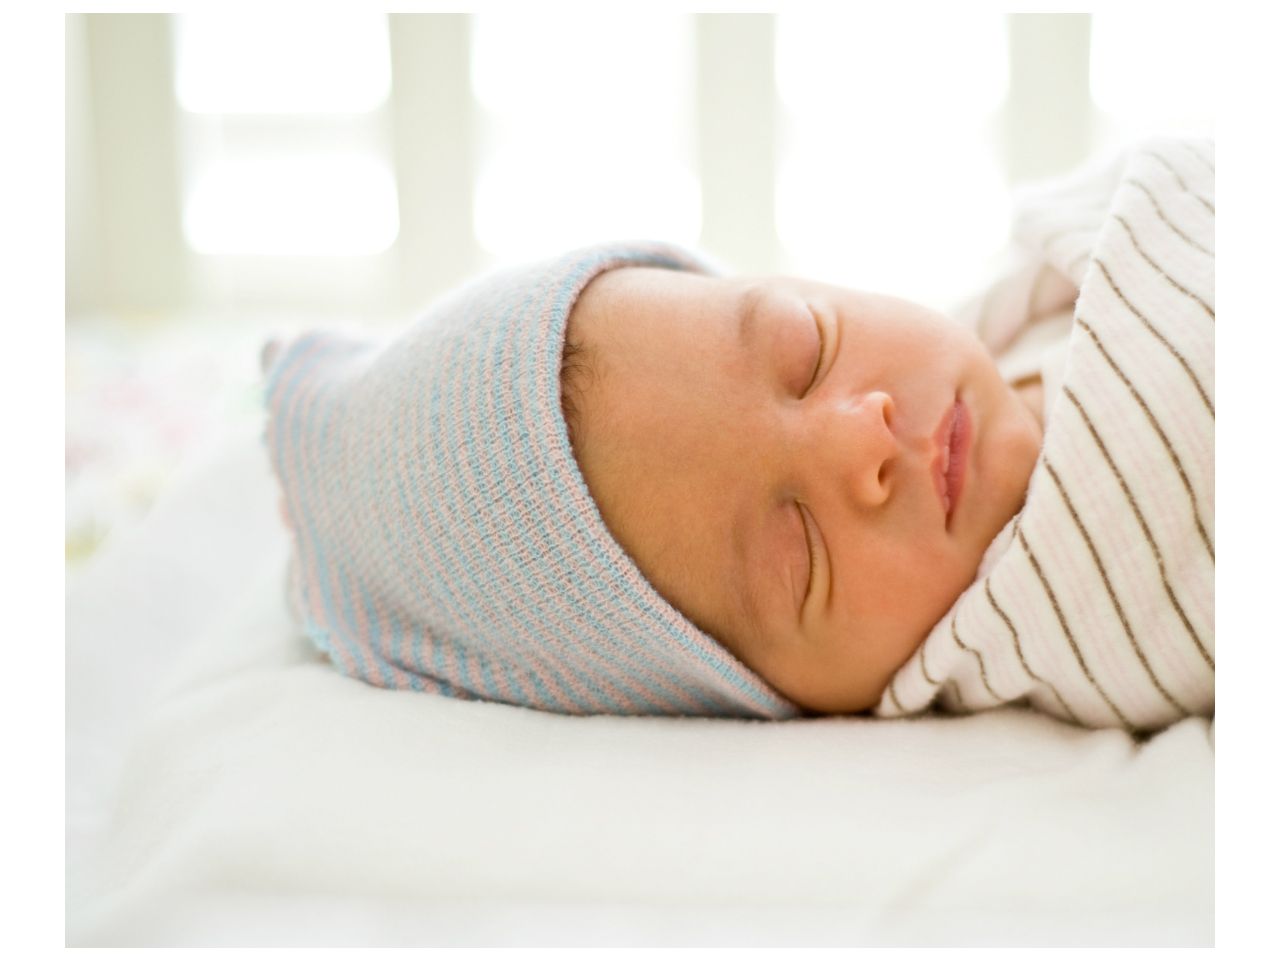 7 baby sleep mistakes